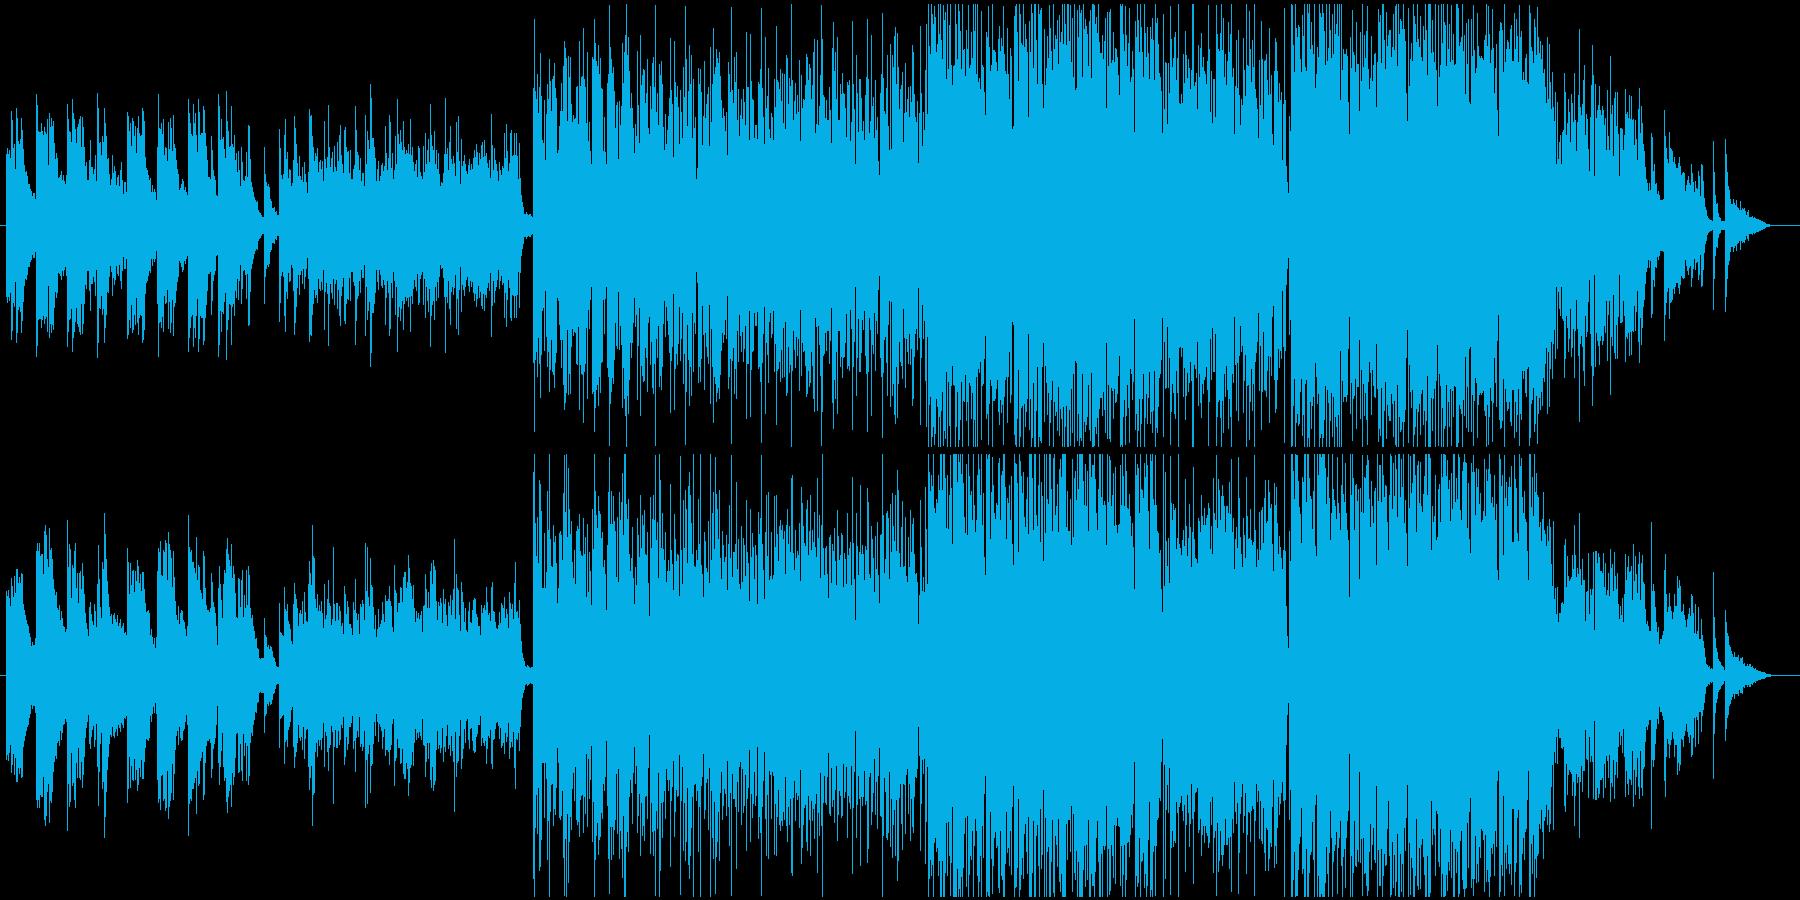 水の中をイメージした透明感あるサウンドの再生済みの波形